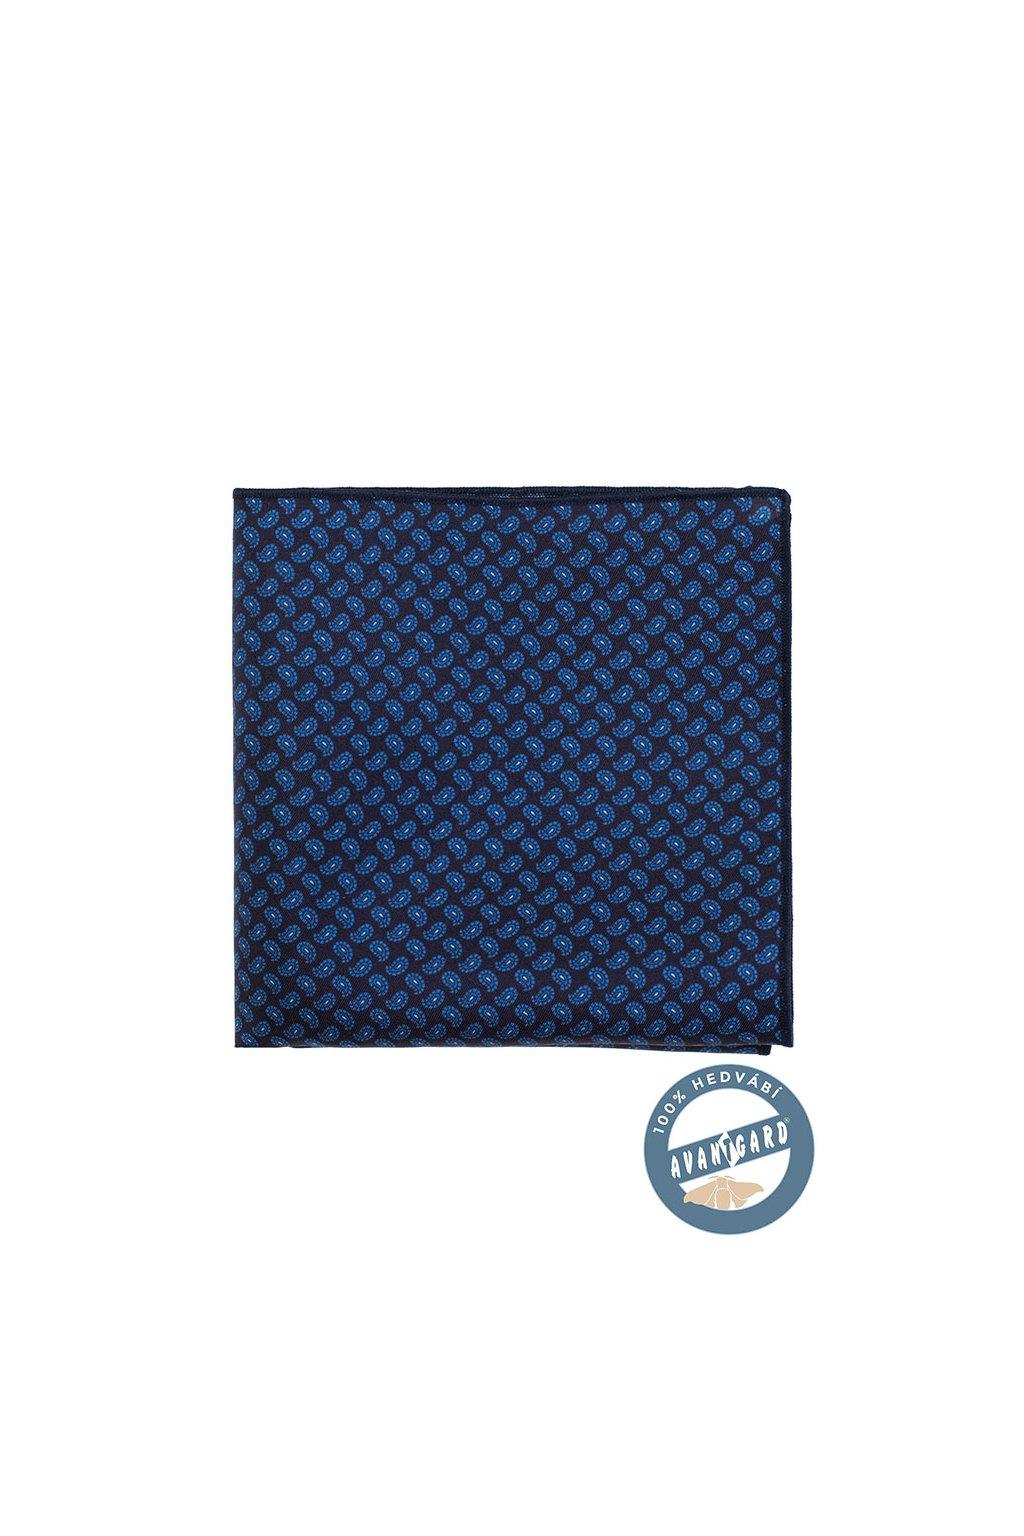 Kapesníček do saka hedvábný PREMIUM modrá 610 - 3186